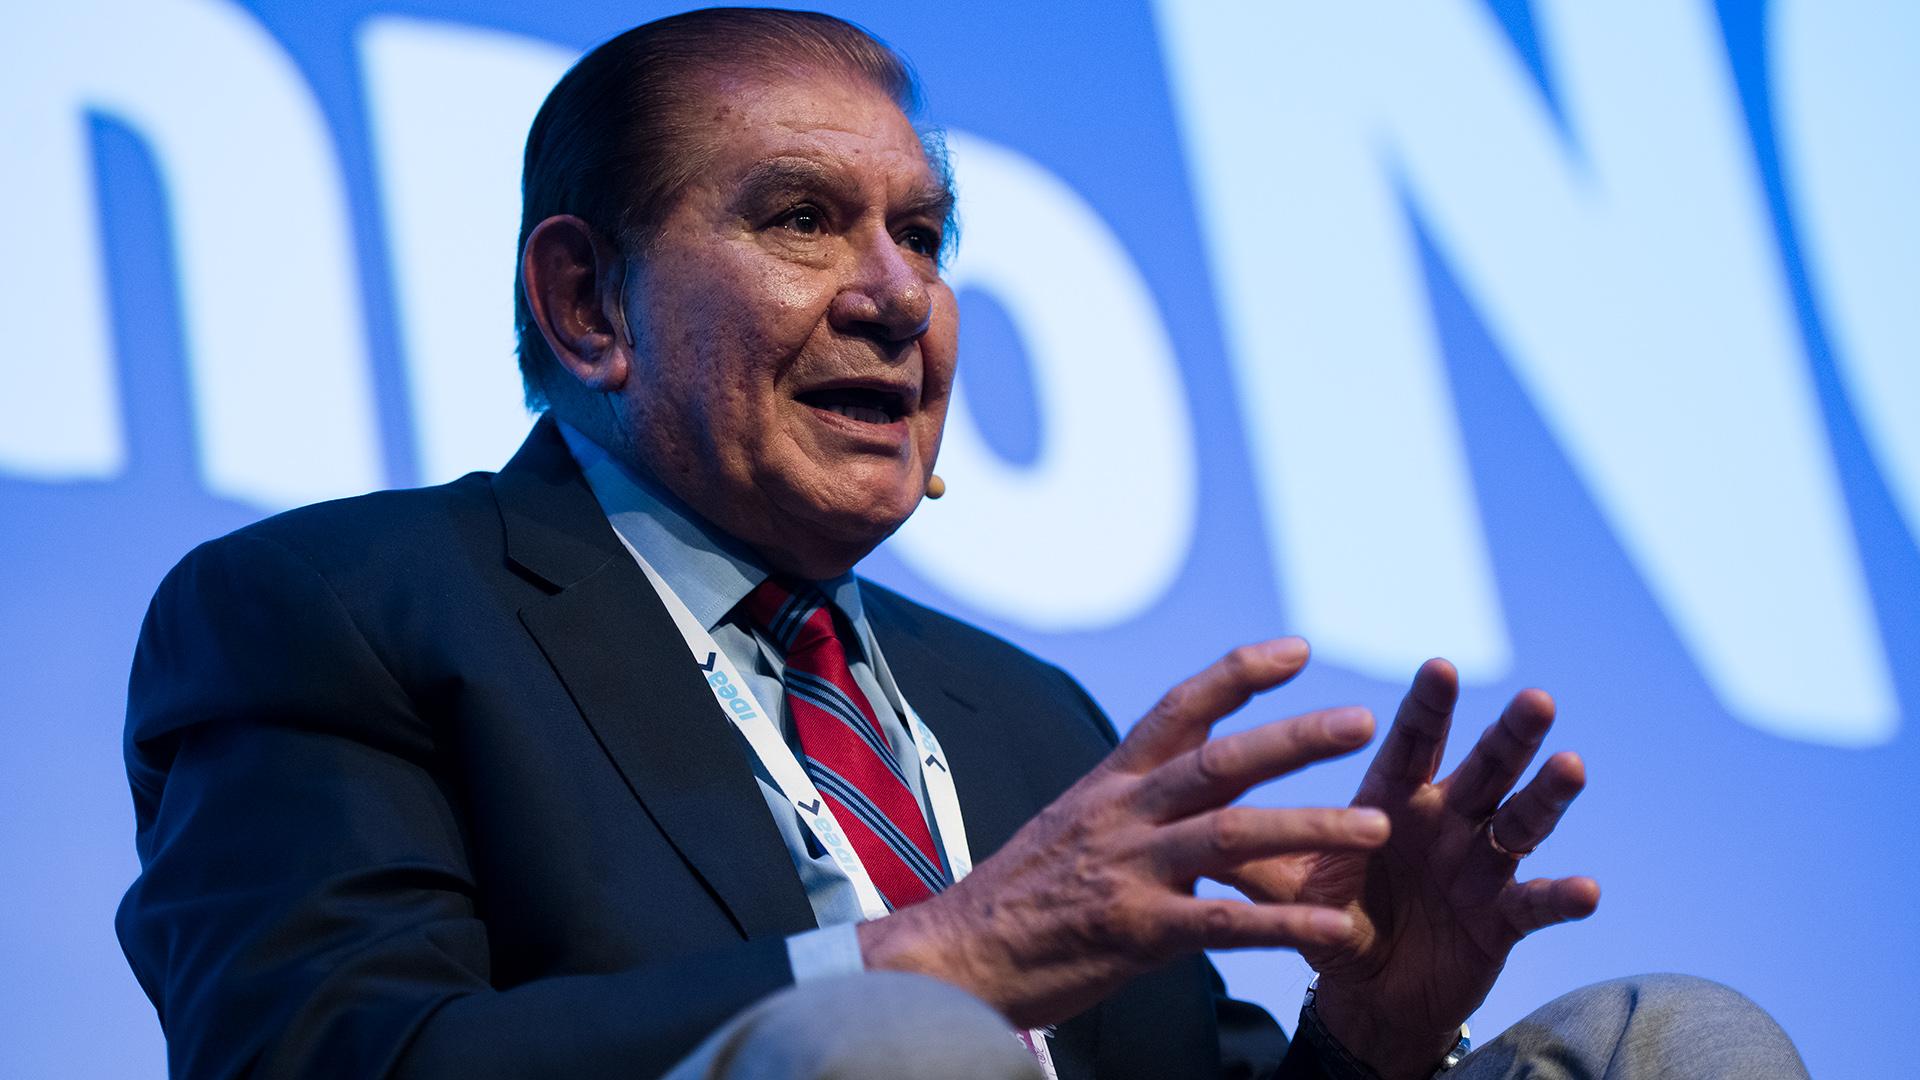 Guillermo Pereyra, senador por Neuquén y Secretario del Sindicato de Petroleo y Gas Privado de Neuquén, Río Negro y La Pampa